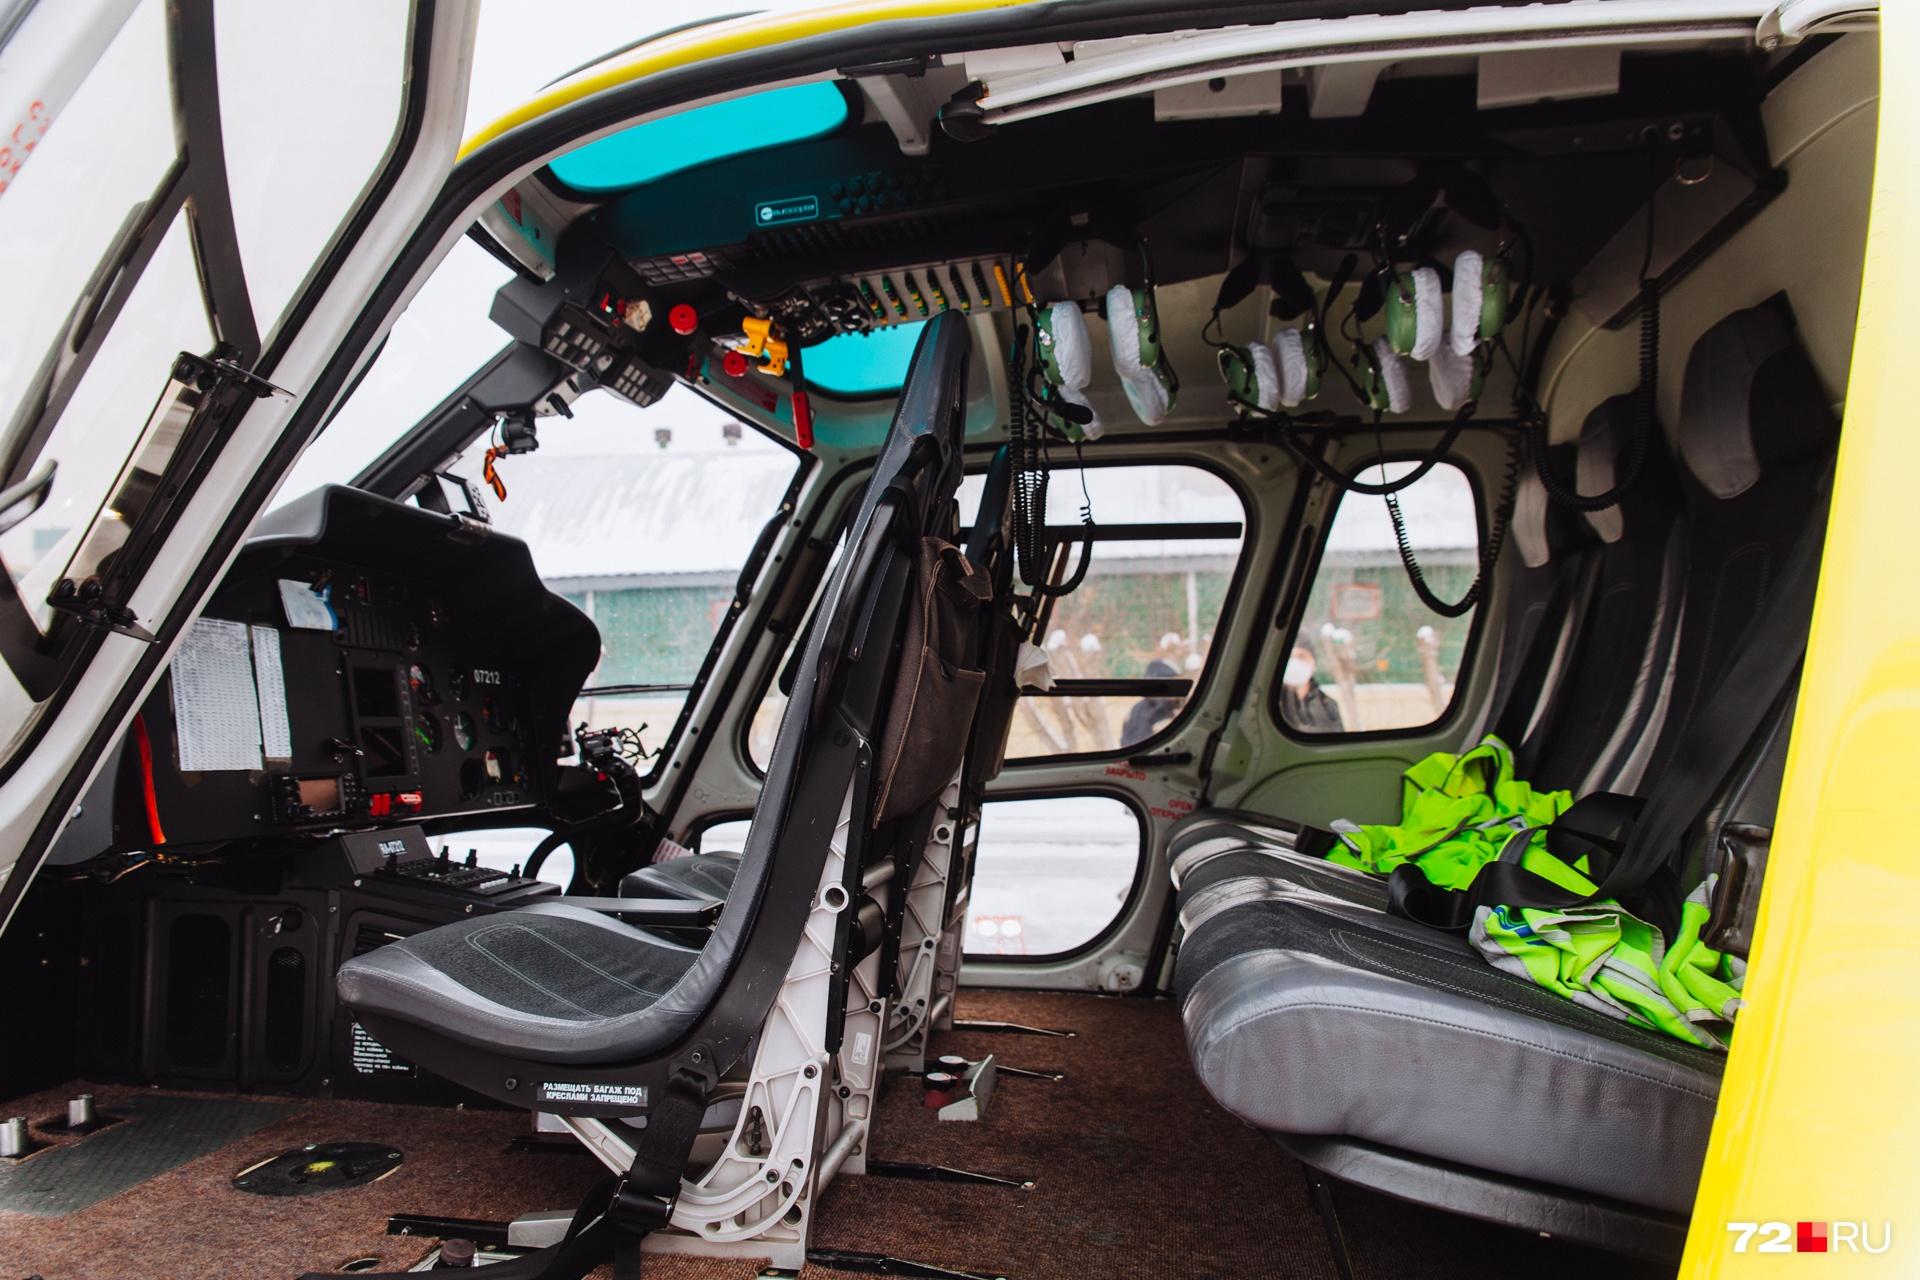 Так пока выглядит кабина вертолета изнутри. Кресла можно складывать и убирать, если это потребуется при погрузке пациента